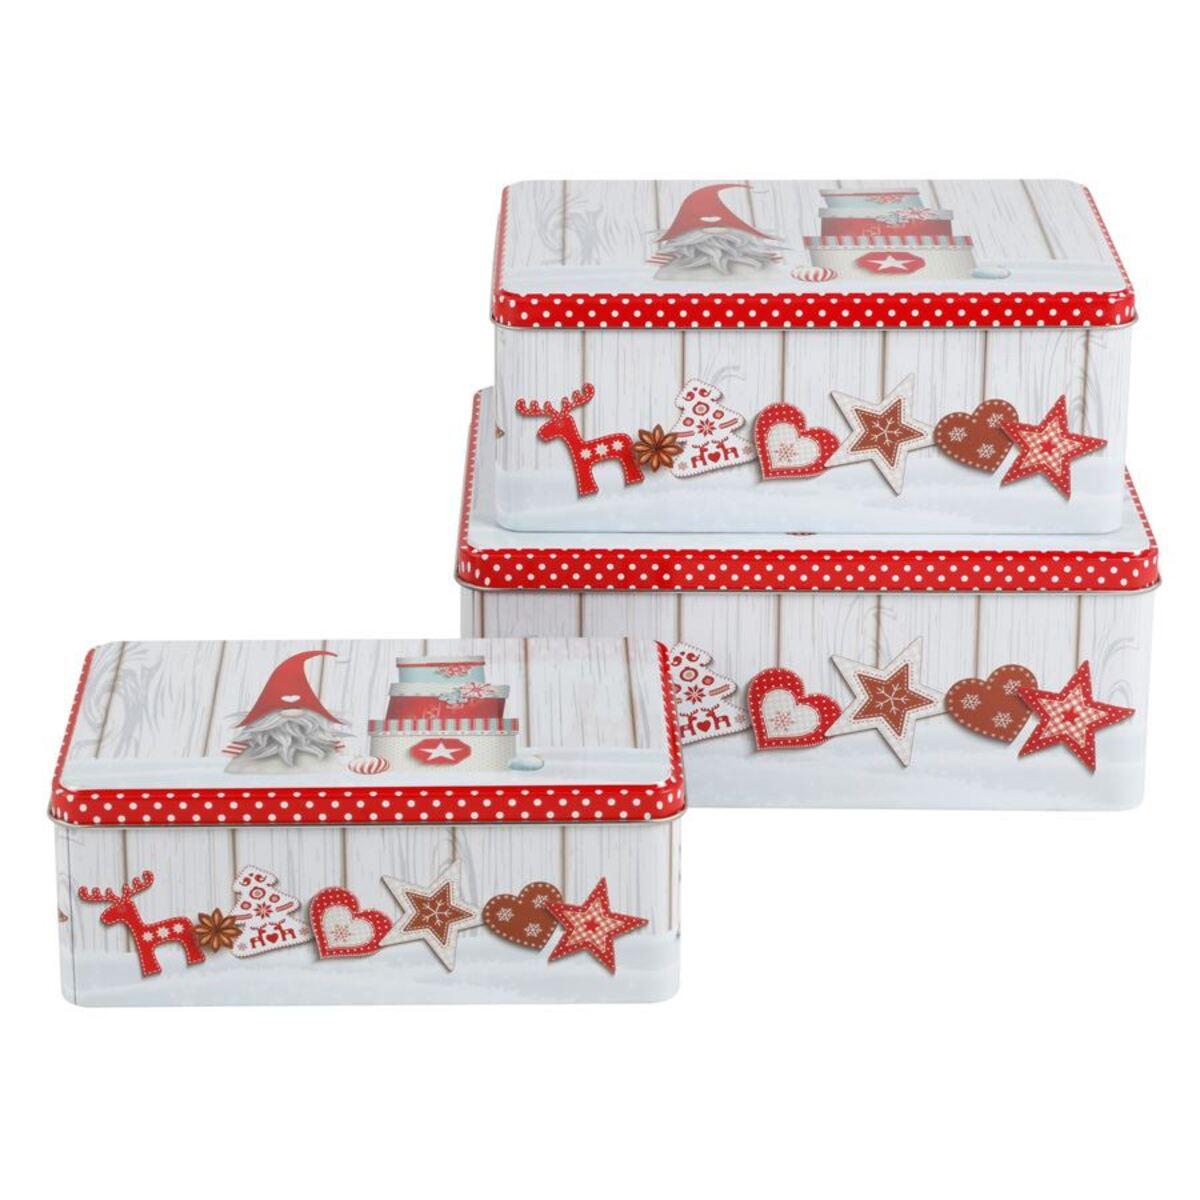 Bild 4 von Weihnachts-Metalldosen-Set rechteckig 3-teilig